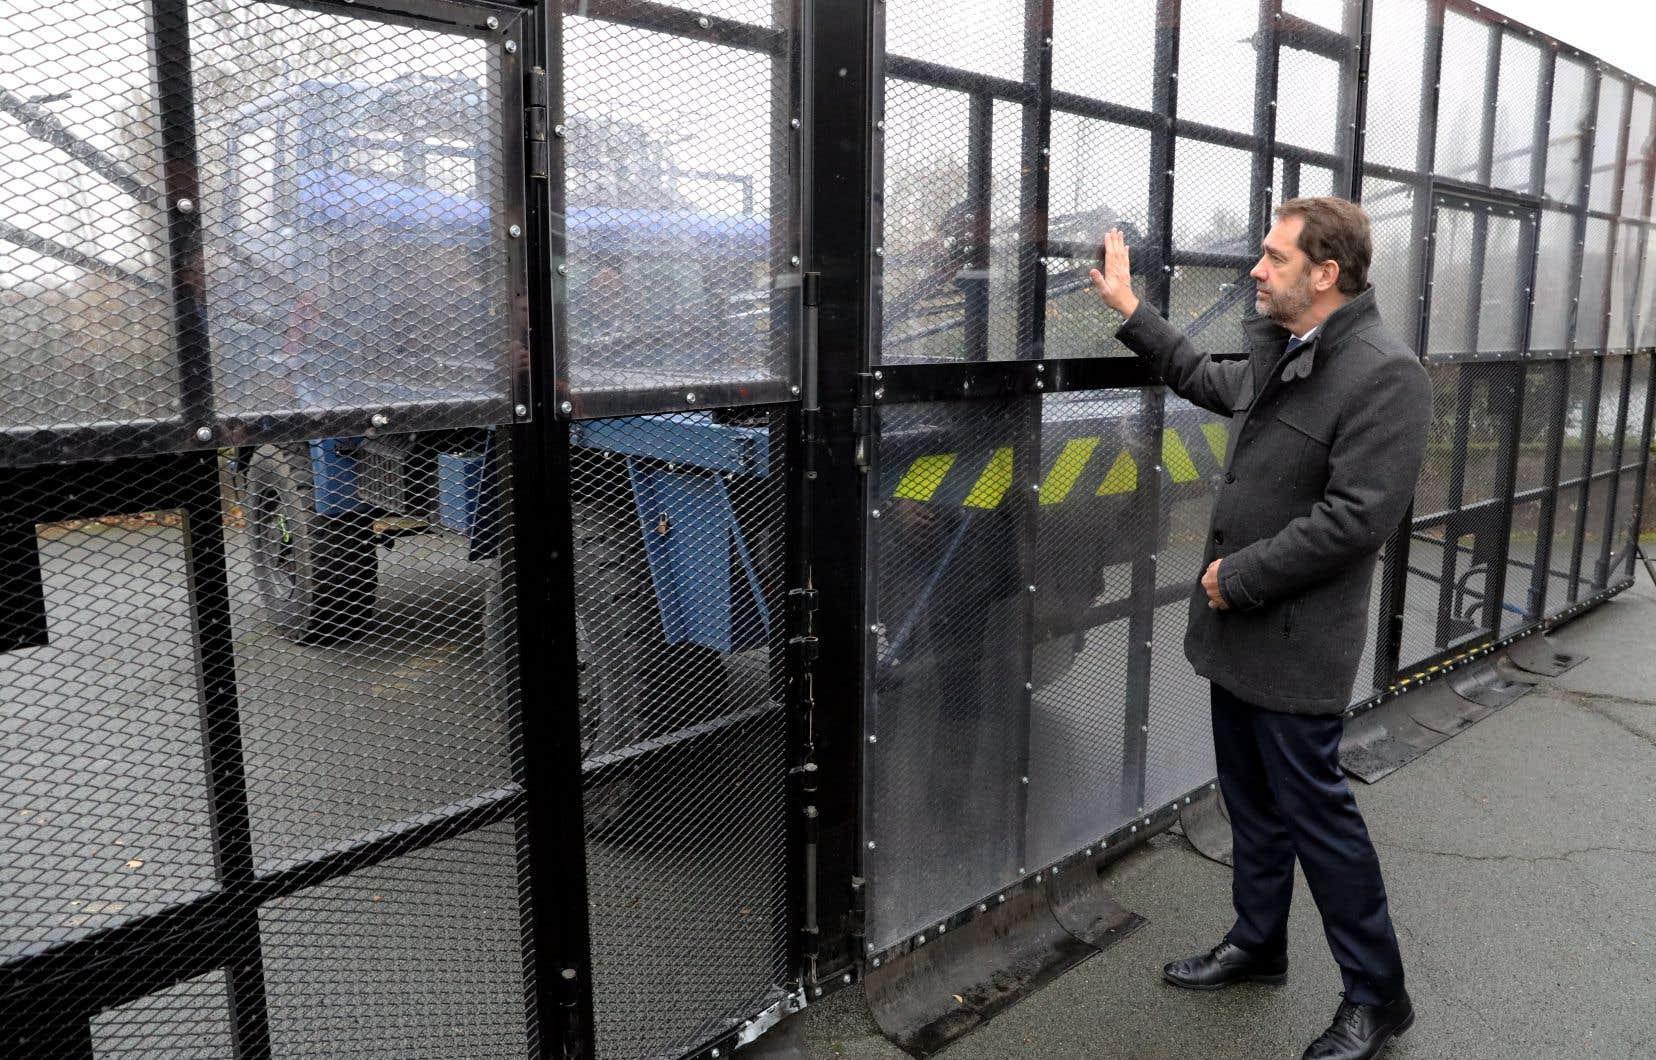 Le ministre français de l'Intérieur, Christophe Castaner, examine une barrière mobile de l'unité blindée de la Gendarmerie mobile, le 7 décembre 2018 à Versailles-Satory, à l'ouest de Paris.